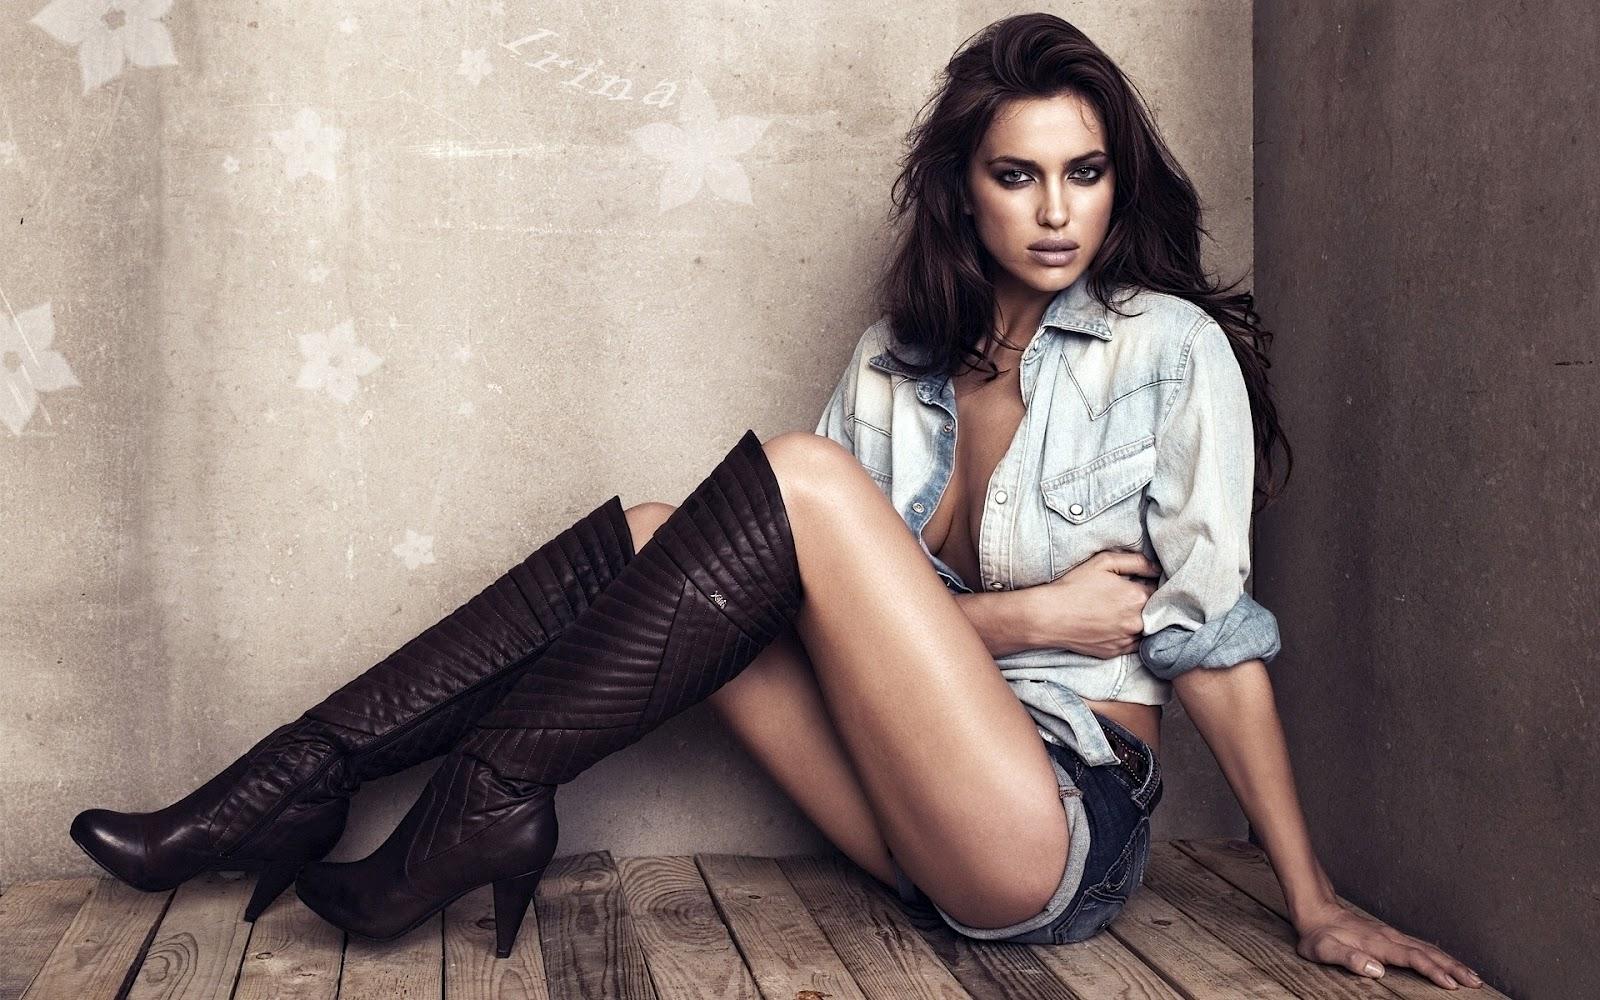 http://1.bp.blogspot.com/-Mvf5lEsYp7g/T6RgB7inohI/AAAAAAAAb1A/G0sMJ7fQIpM/s1600/Irina-Shayk_Sexy-Girl_Wallpapers_01.jpg